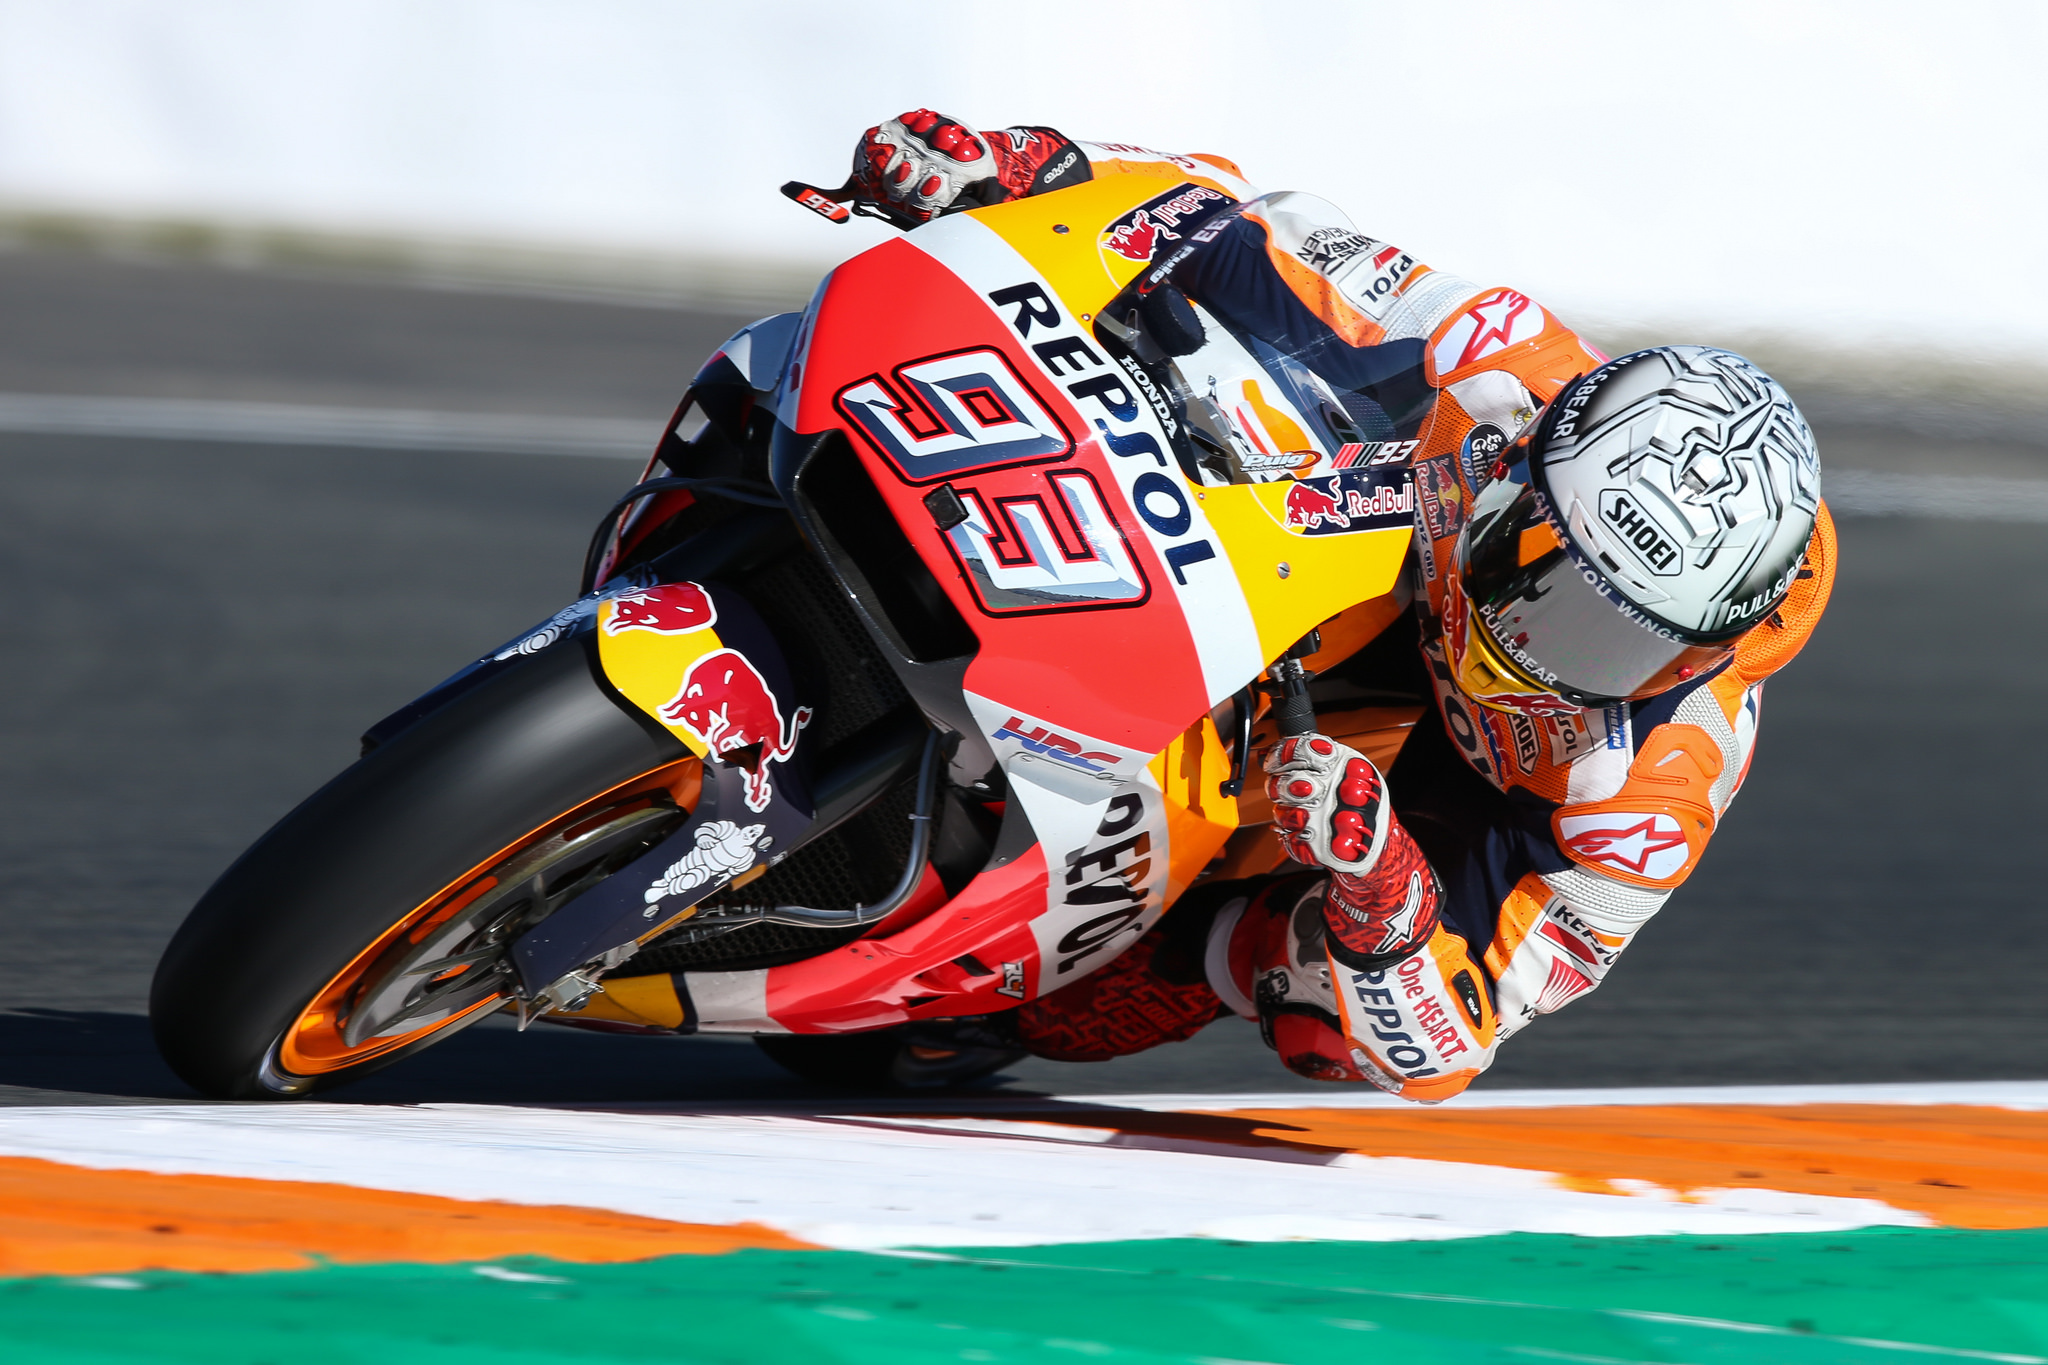 L'Espagnol Marc Marquez s'est imposé lors du premier Grand Prix MotoGP de Thaïlande, qui s'est tenu dimanche à Buriram